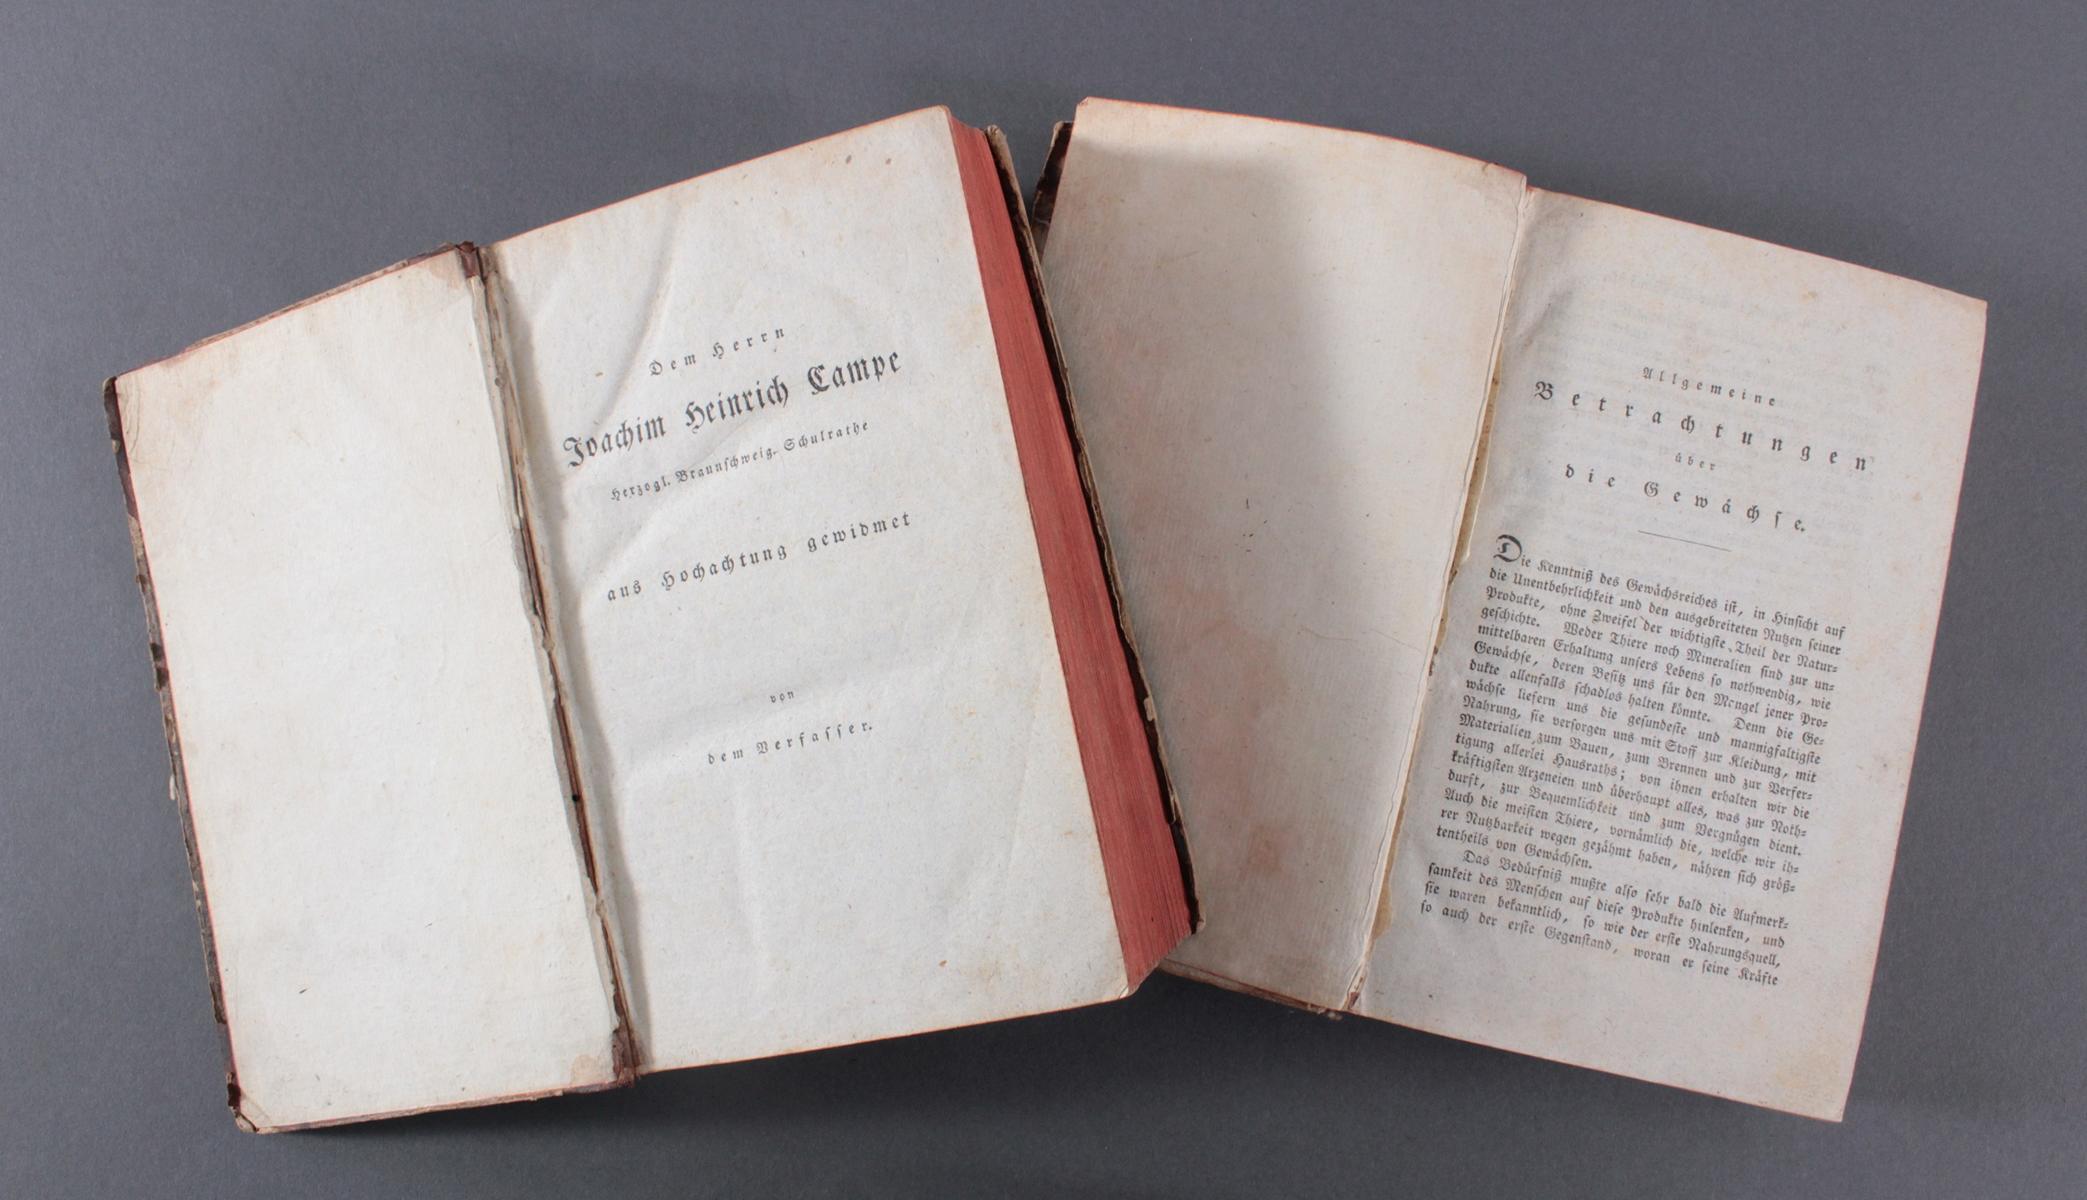 Funke, C. Ph. Naturgeschichte. Das Tierreich Dessau 1804-2